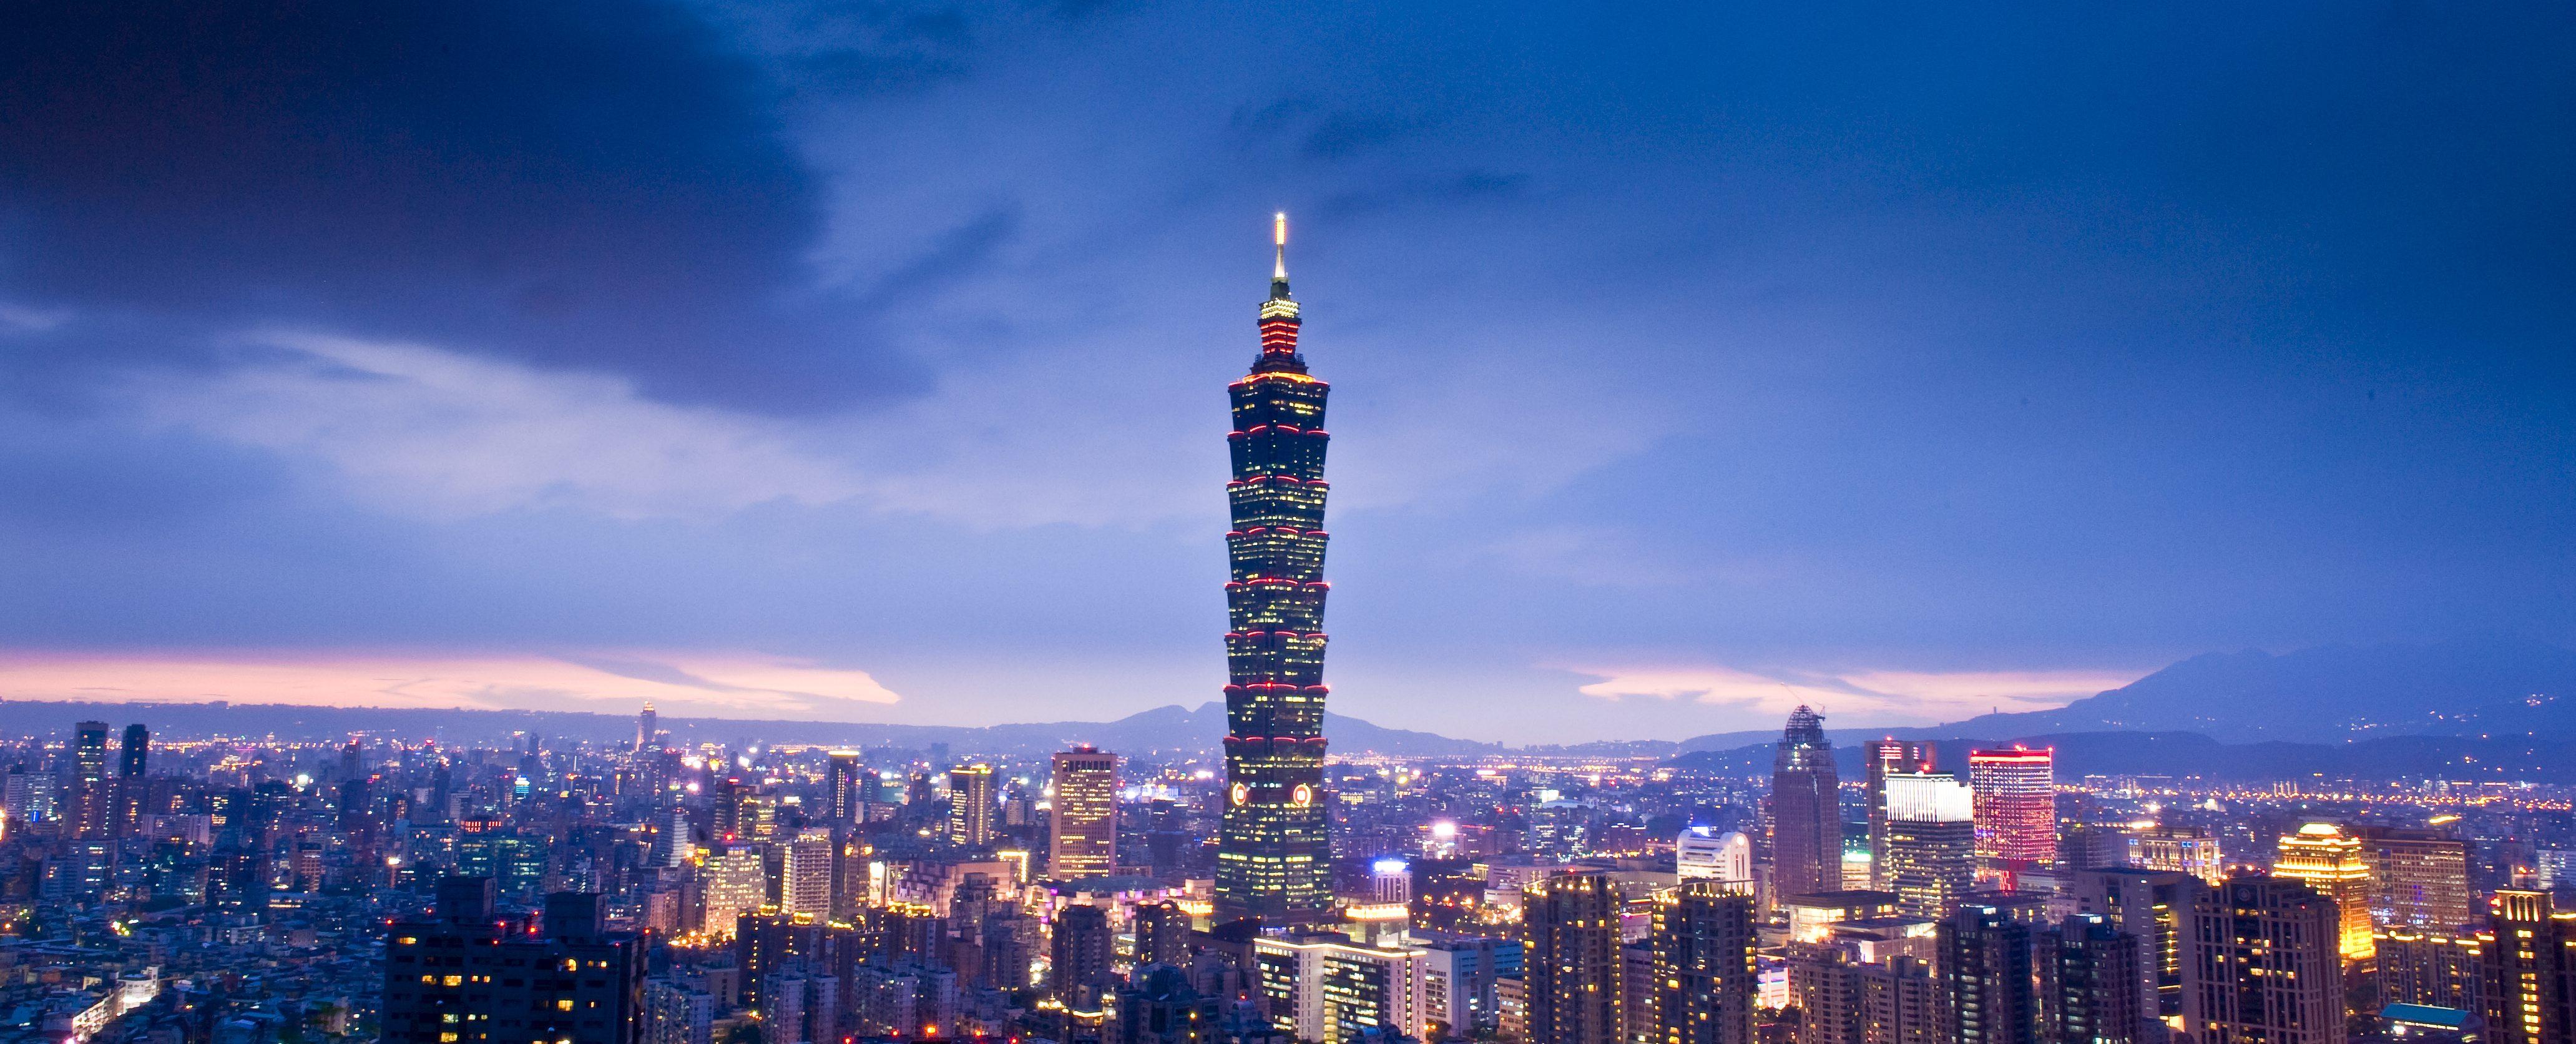 برج تايبيه 101